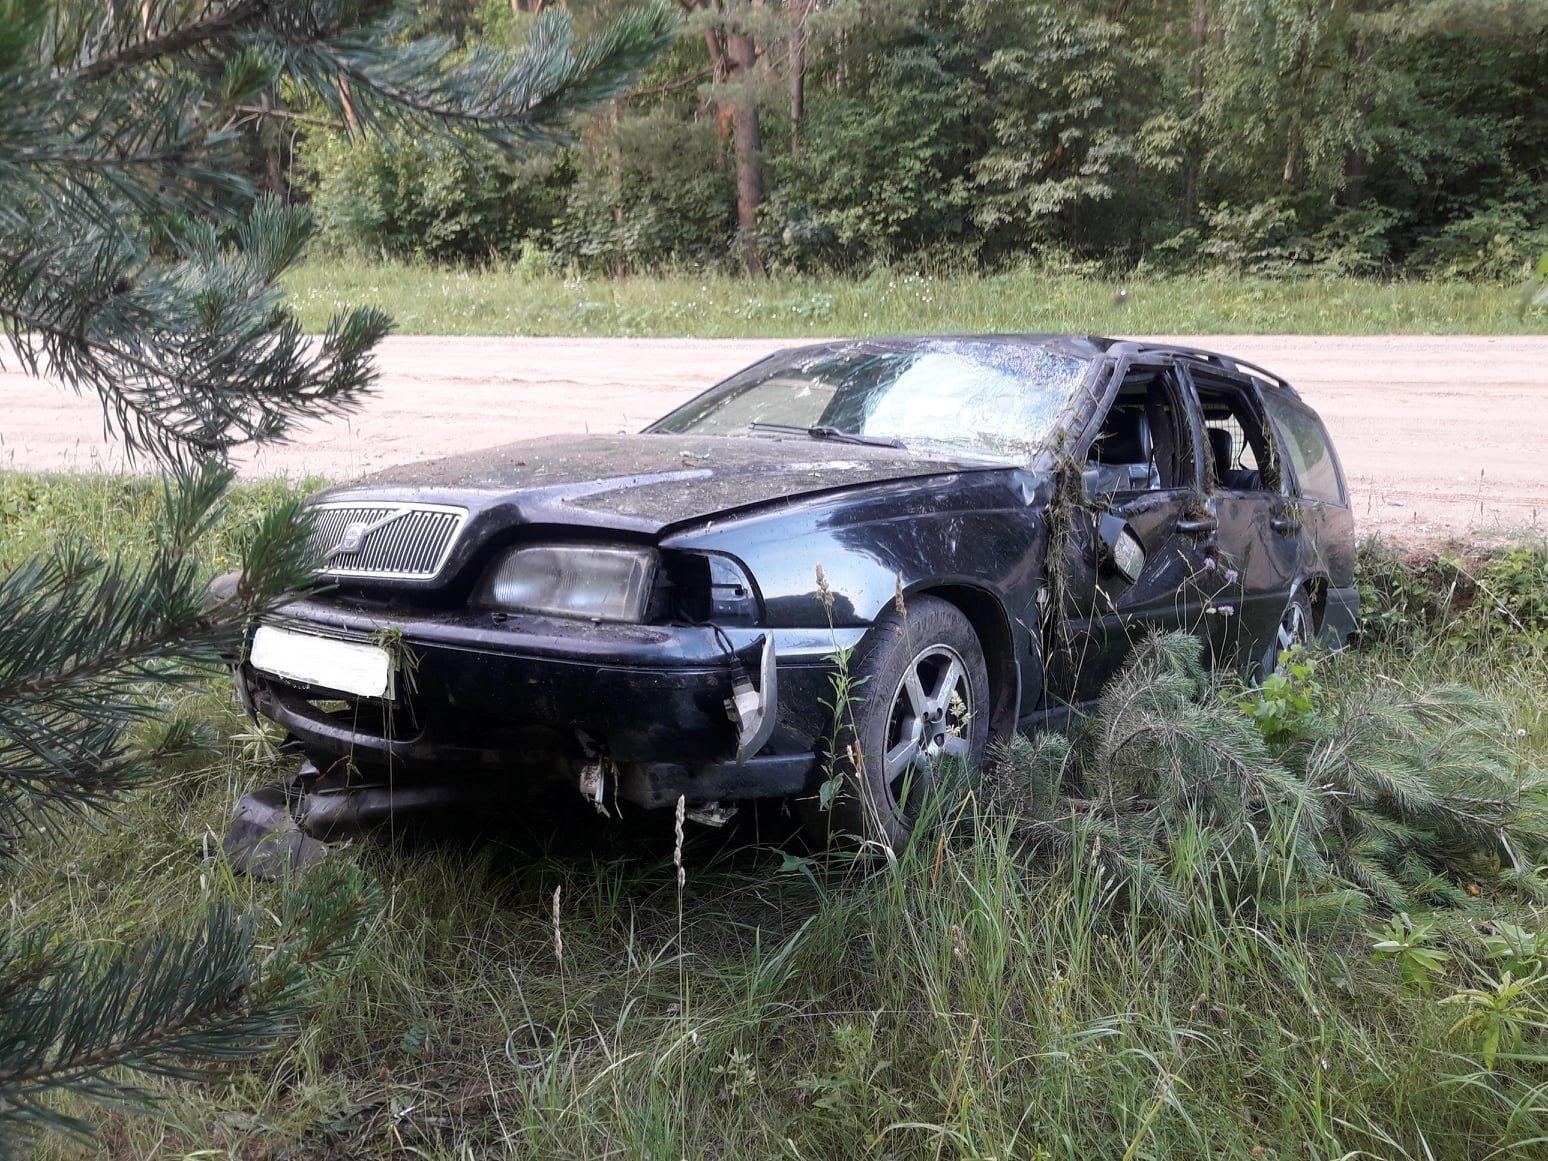 Savaitgalis Šalčininkų rajone – girti vairuotojai, sukeltos avarijos ir narkotinės medžiagos